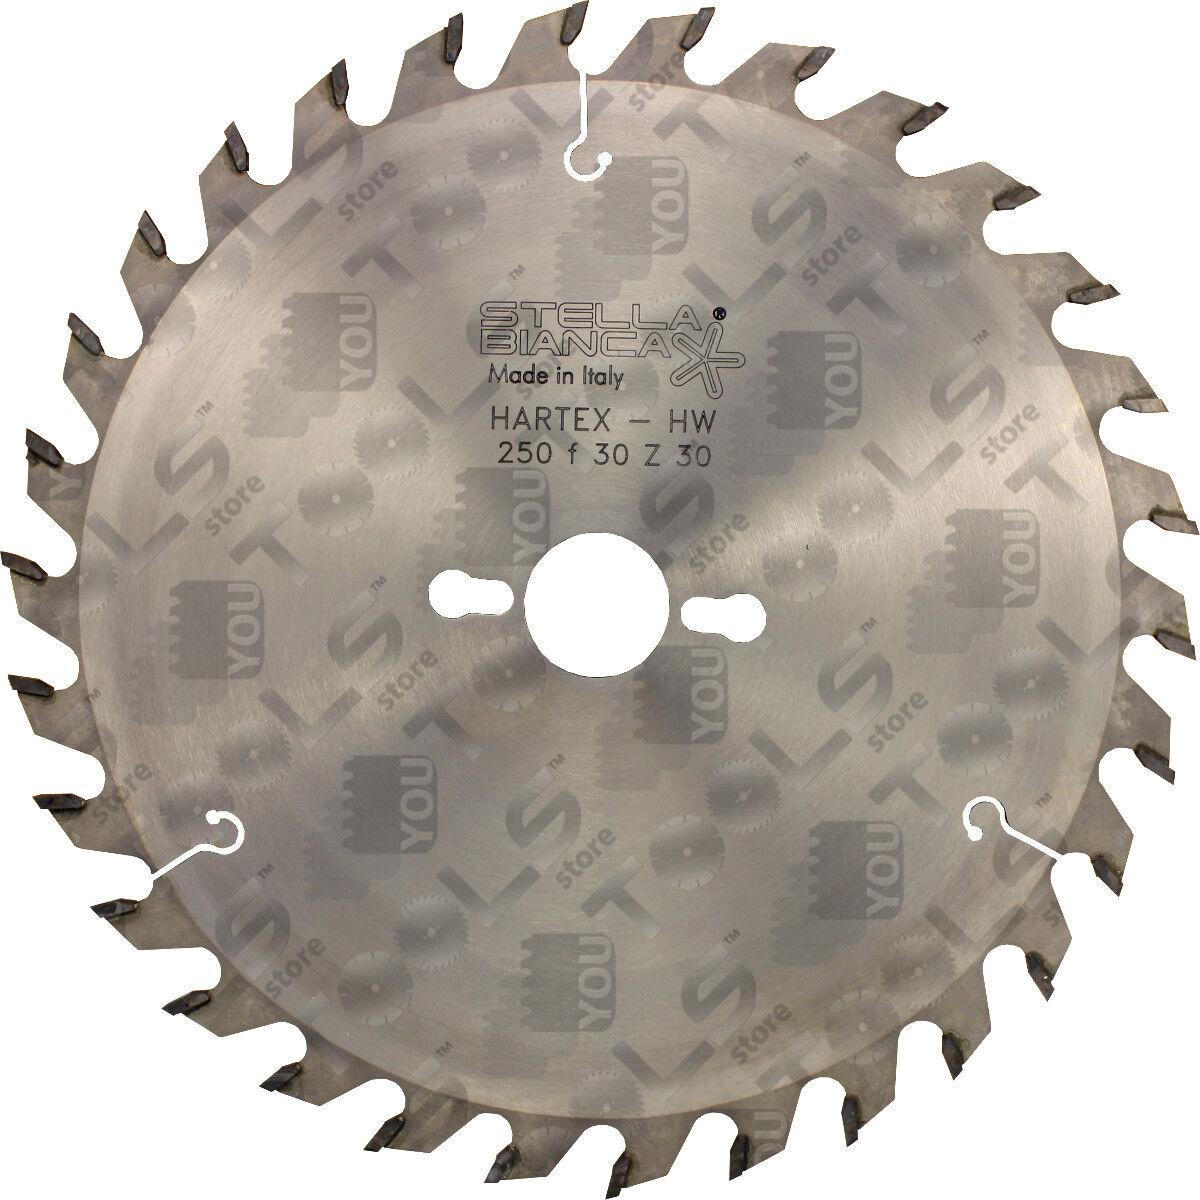 Seghe circolari Hartex HW per stazionarie macchine stazionarie per 7b6303